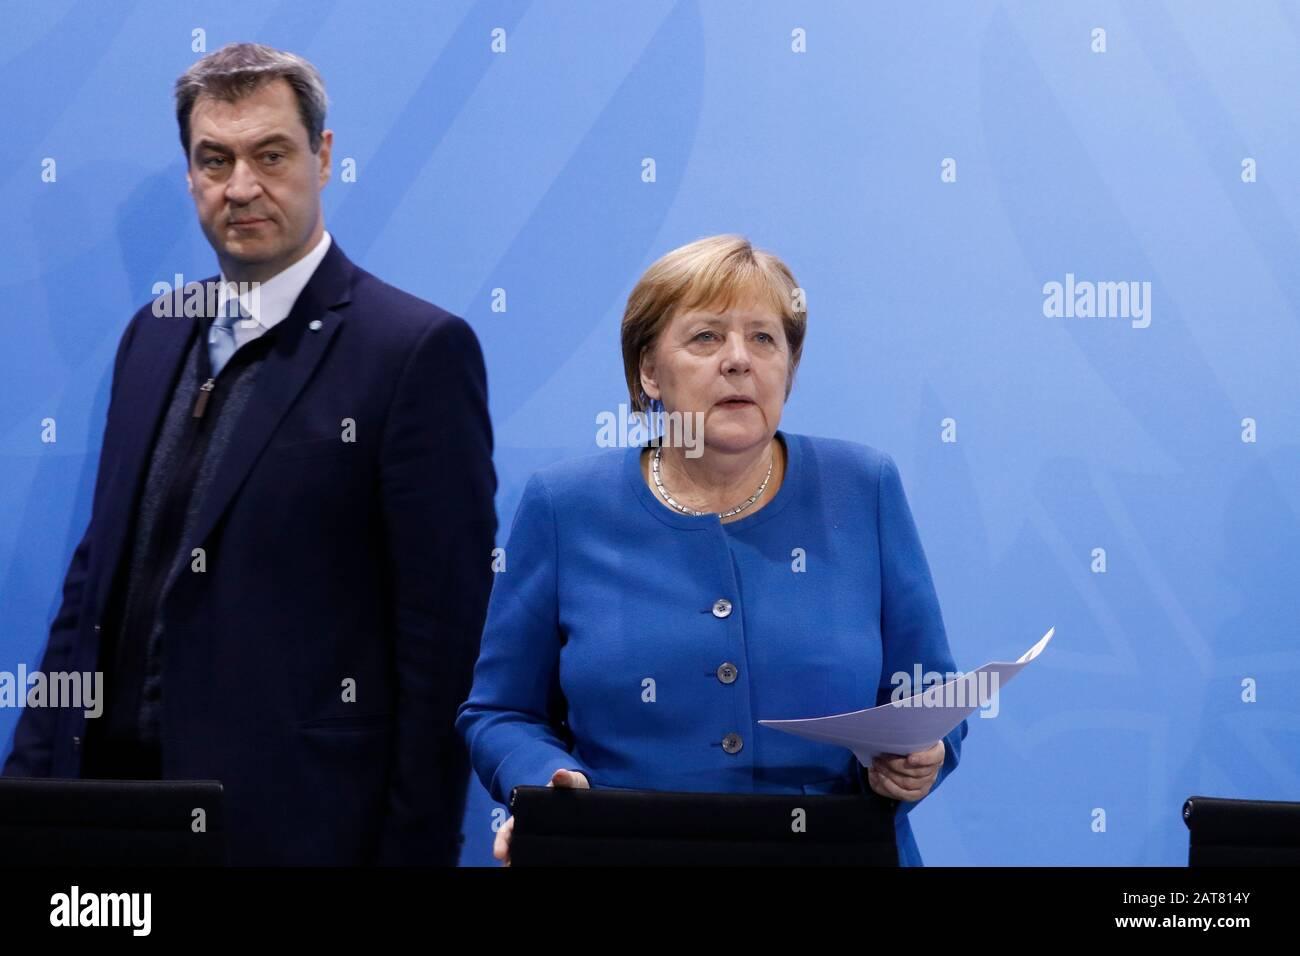 Pressekonferenz Merkel Söder